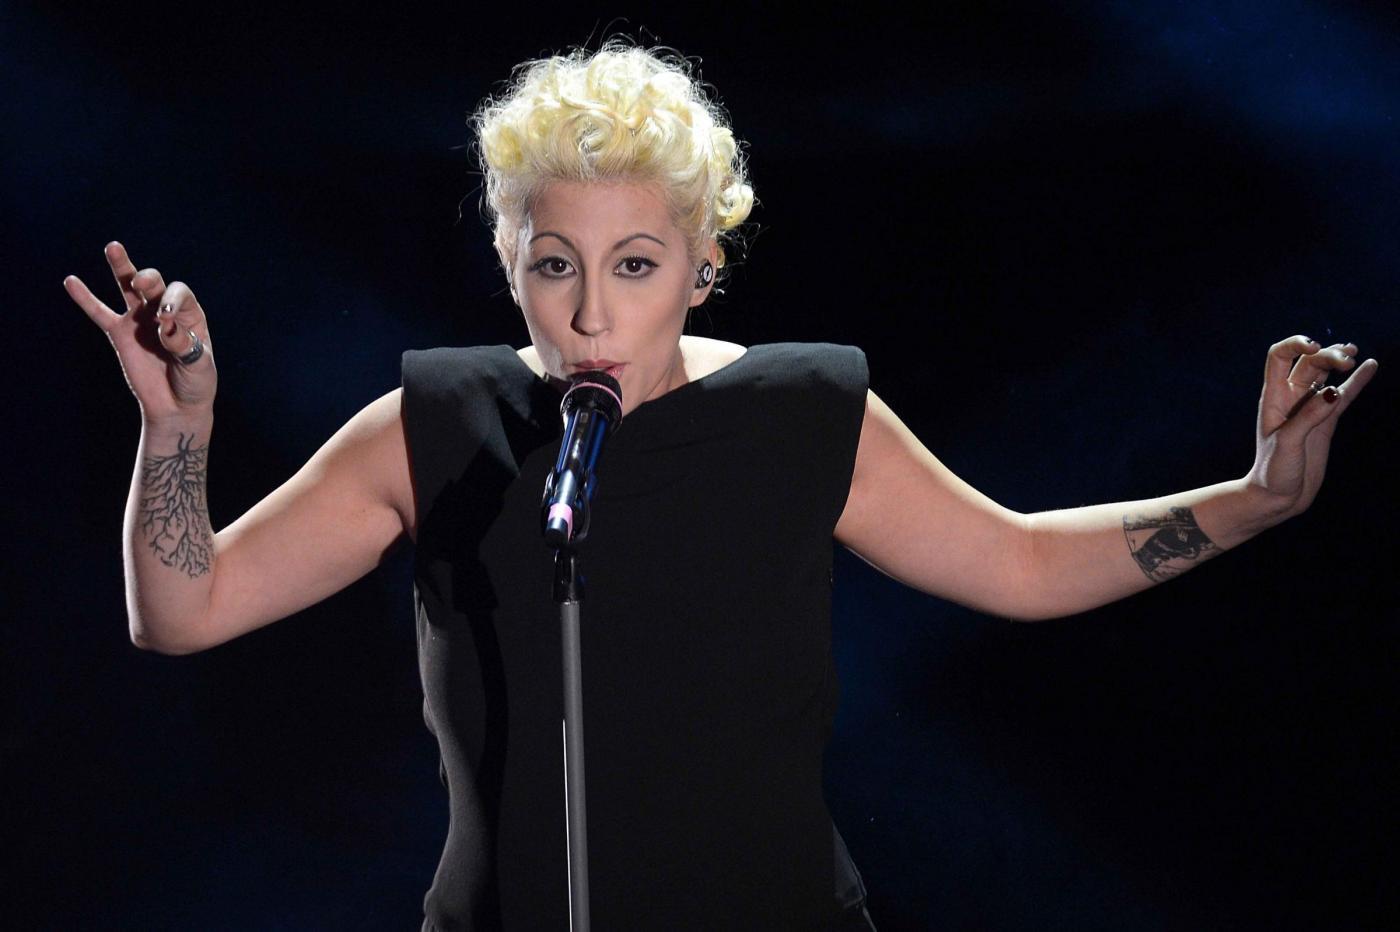 Sanremo 2013, premiato il look di Malika Ayane nella seconda serata